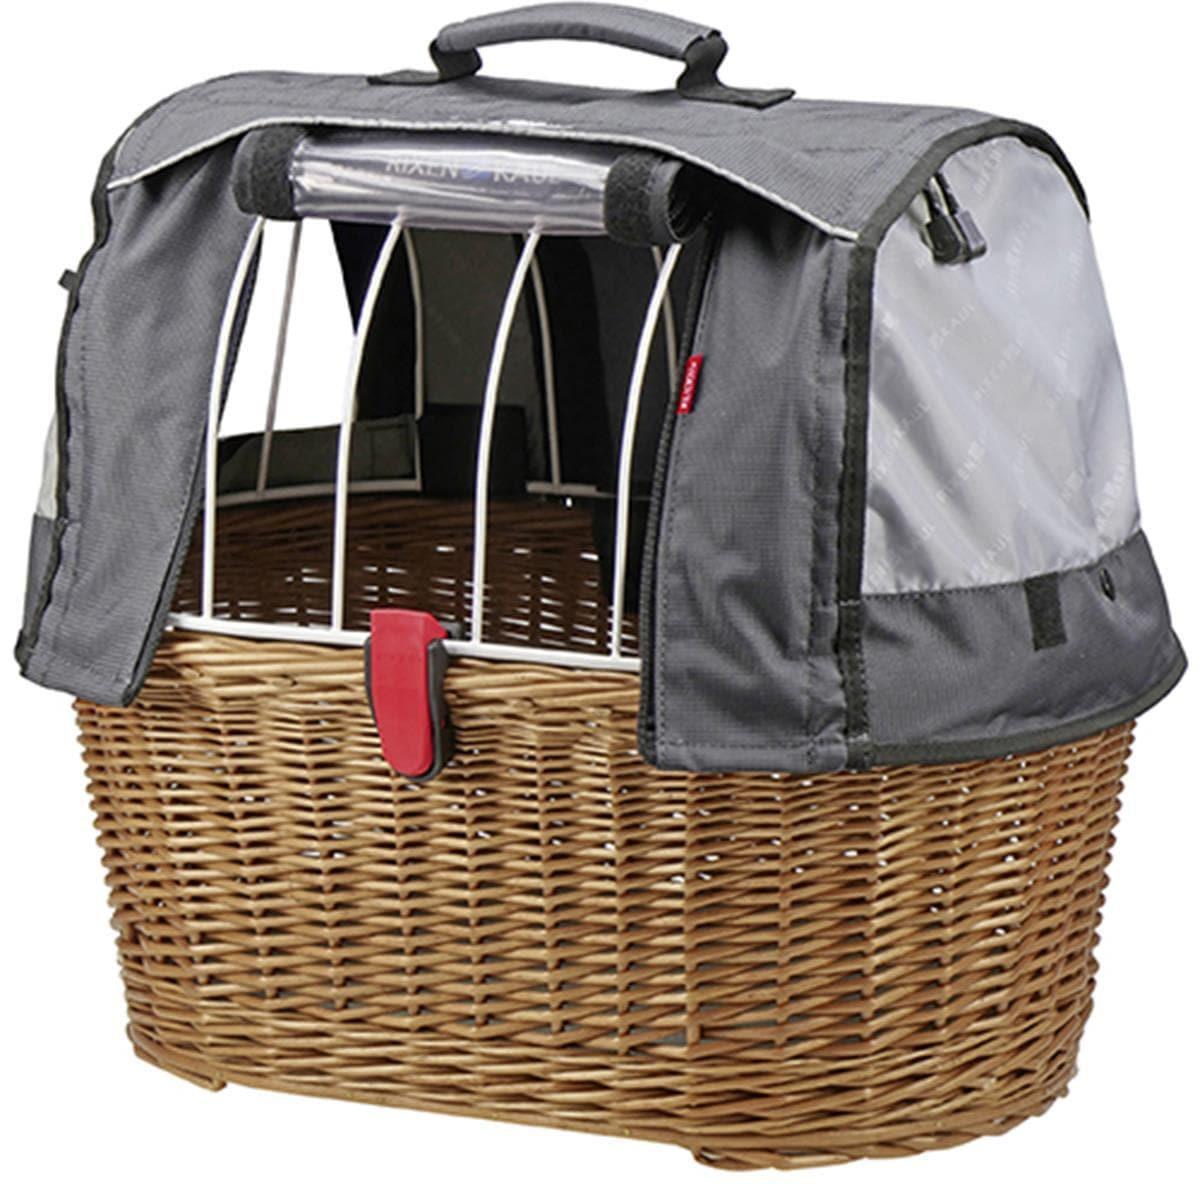 KlickFix Fahrradkorb Weidenkorb Doggy Basket Technik & Freizeit/Sport & Freizeit/Fahrräder & Zubehör/Fahrradzubehör/Fahrradkörbe